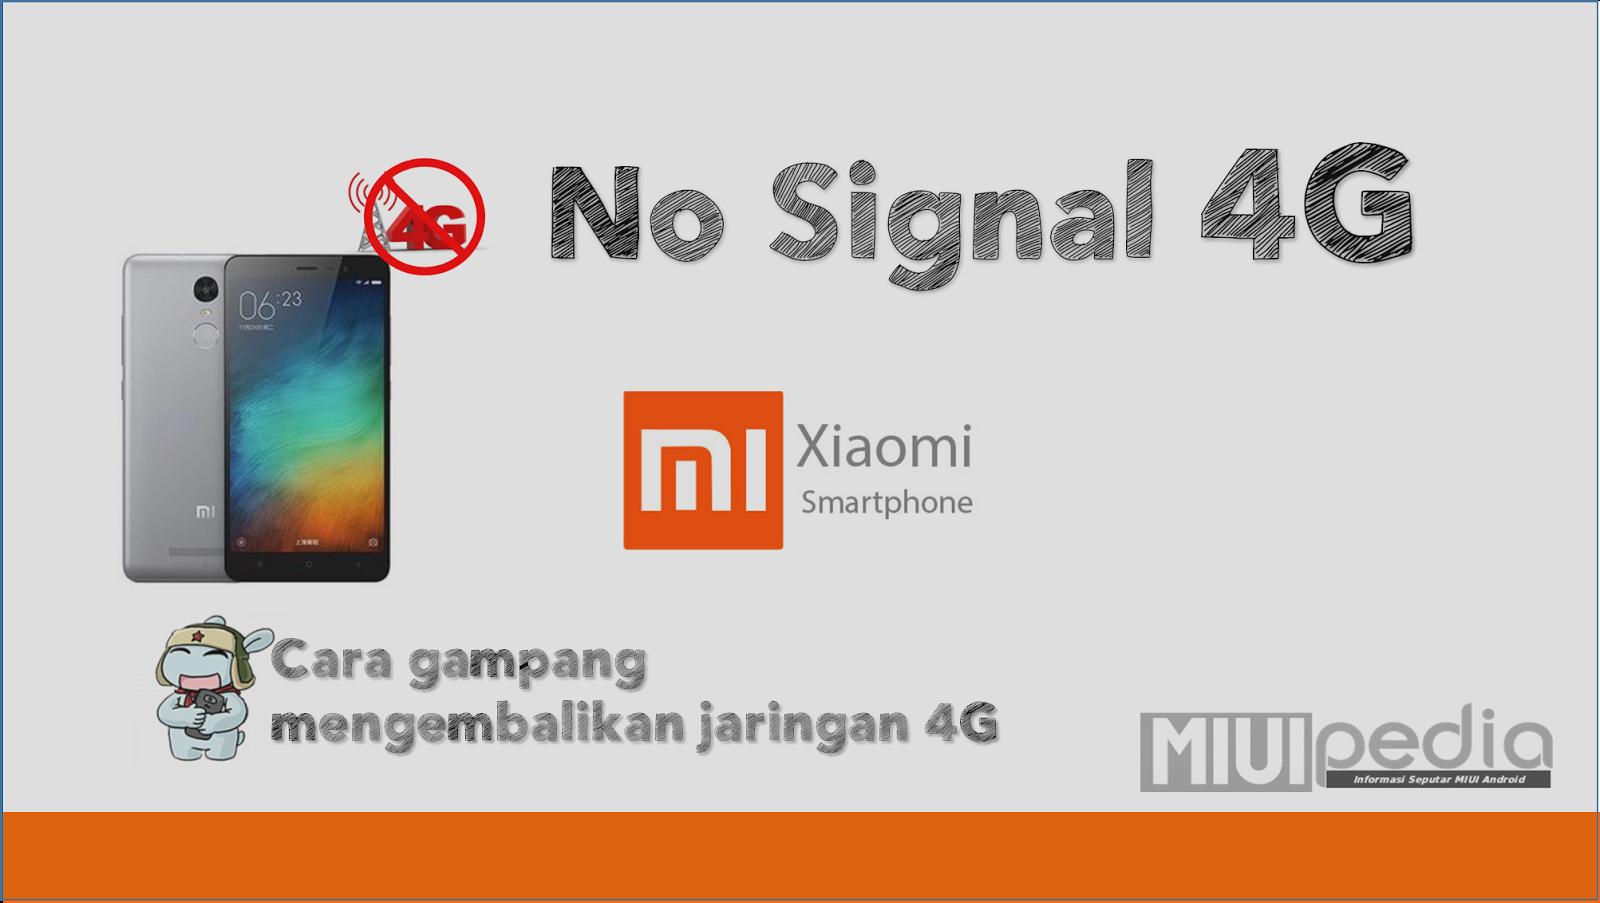 Cara gampang mengembalikan jaringan 4G di Smartphone Xiaomi yang hilang